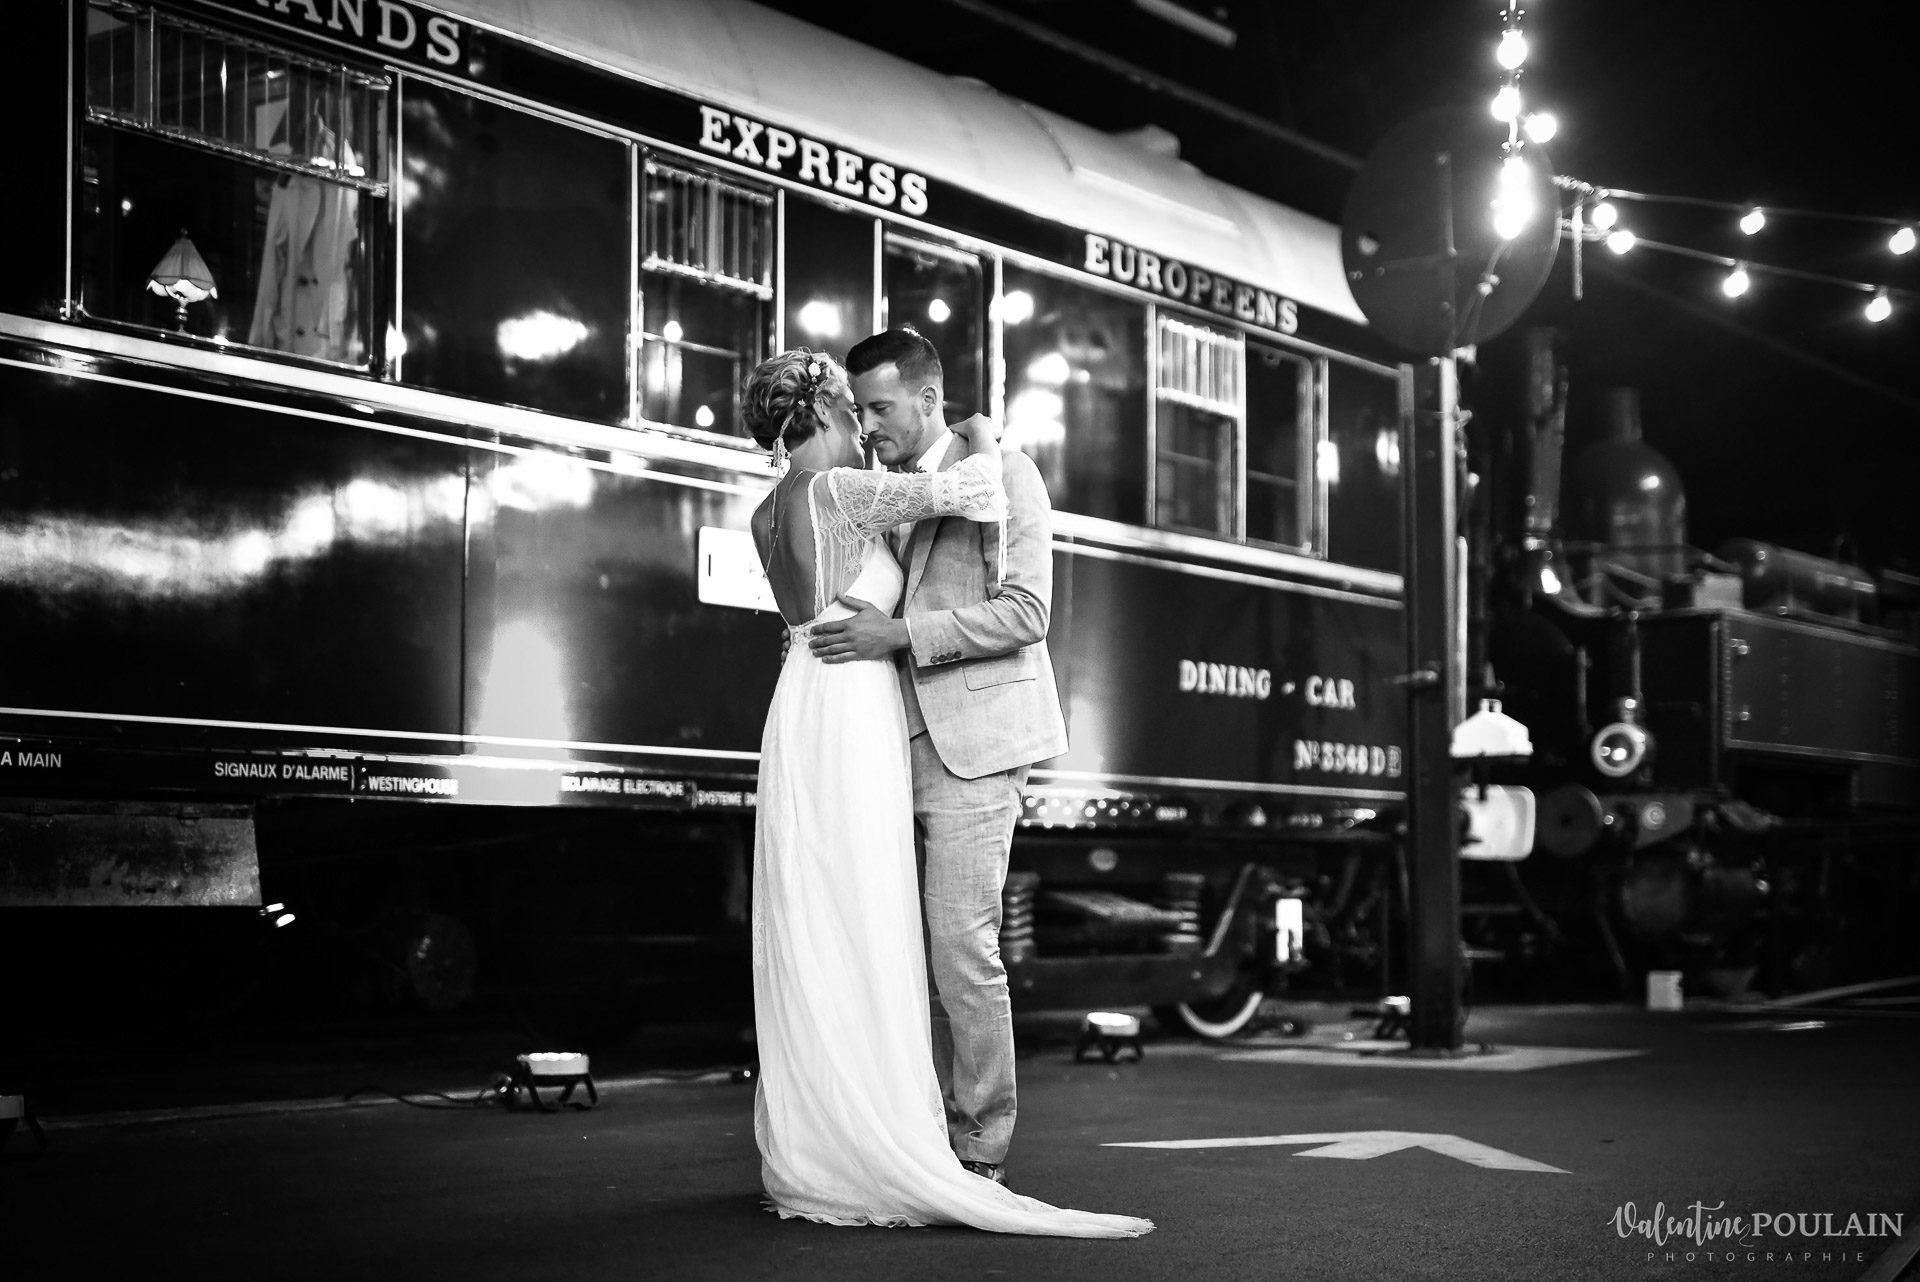 Mariage cité du train 1ere danse - Valentine Poulain